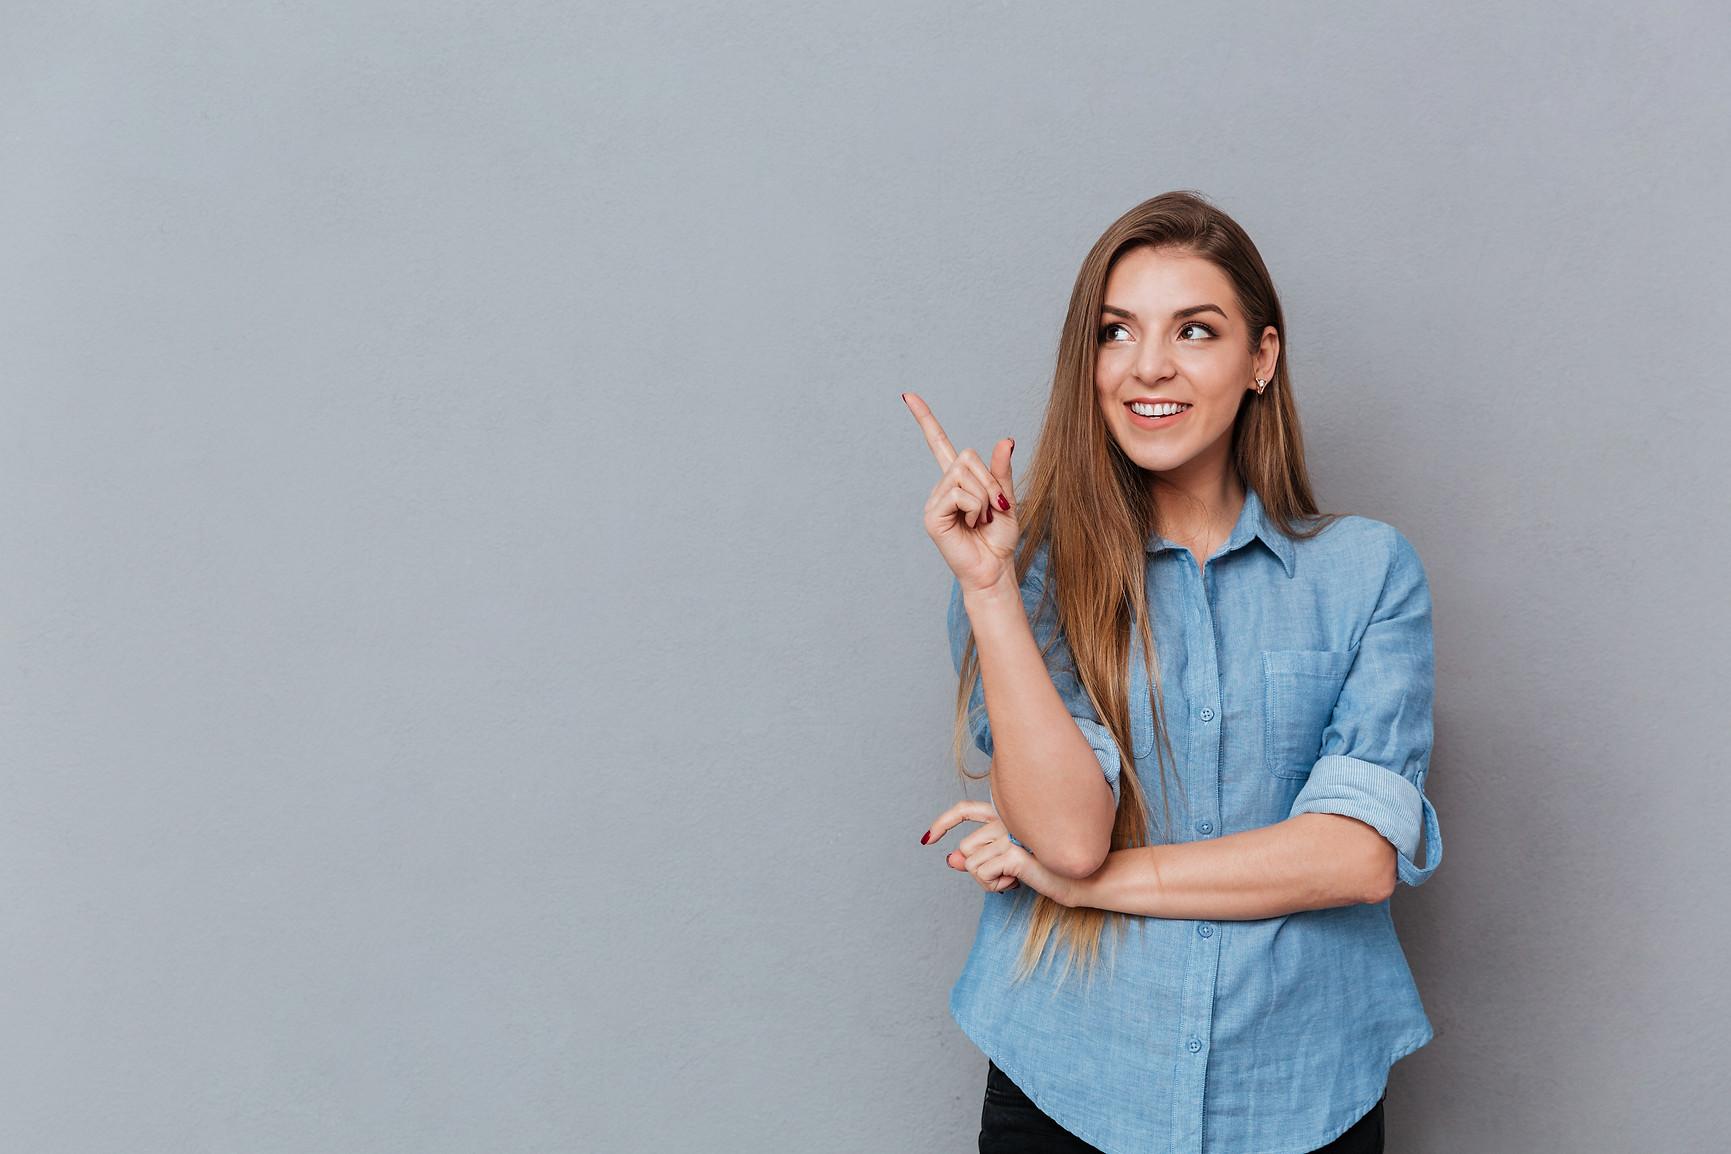 smiling-woman-in-shirt-posing-in-studio.